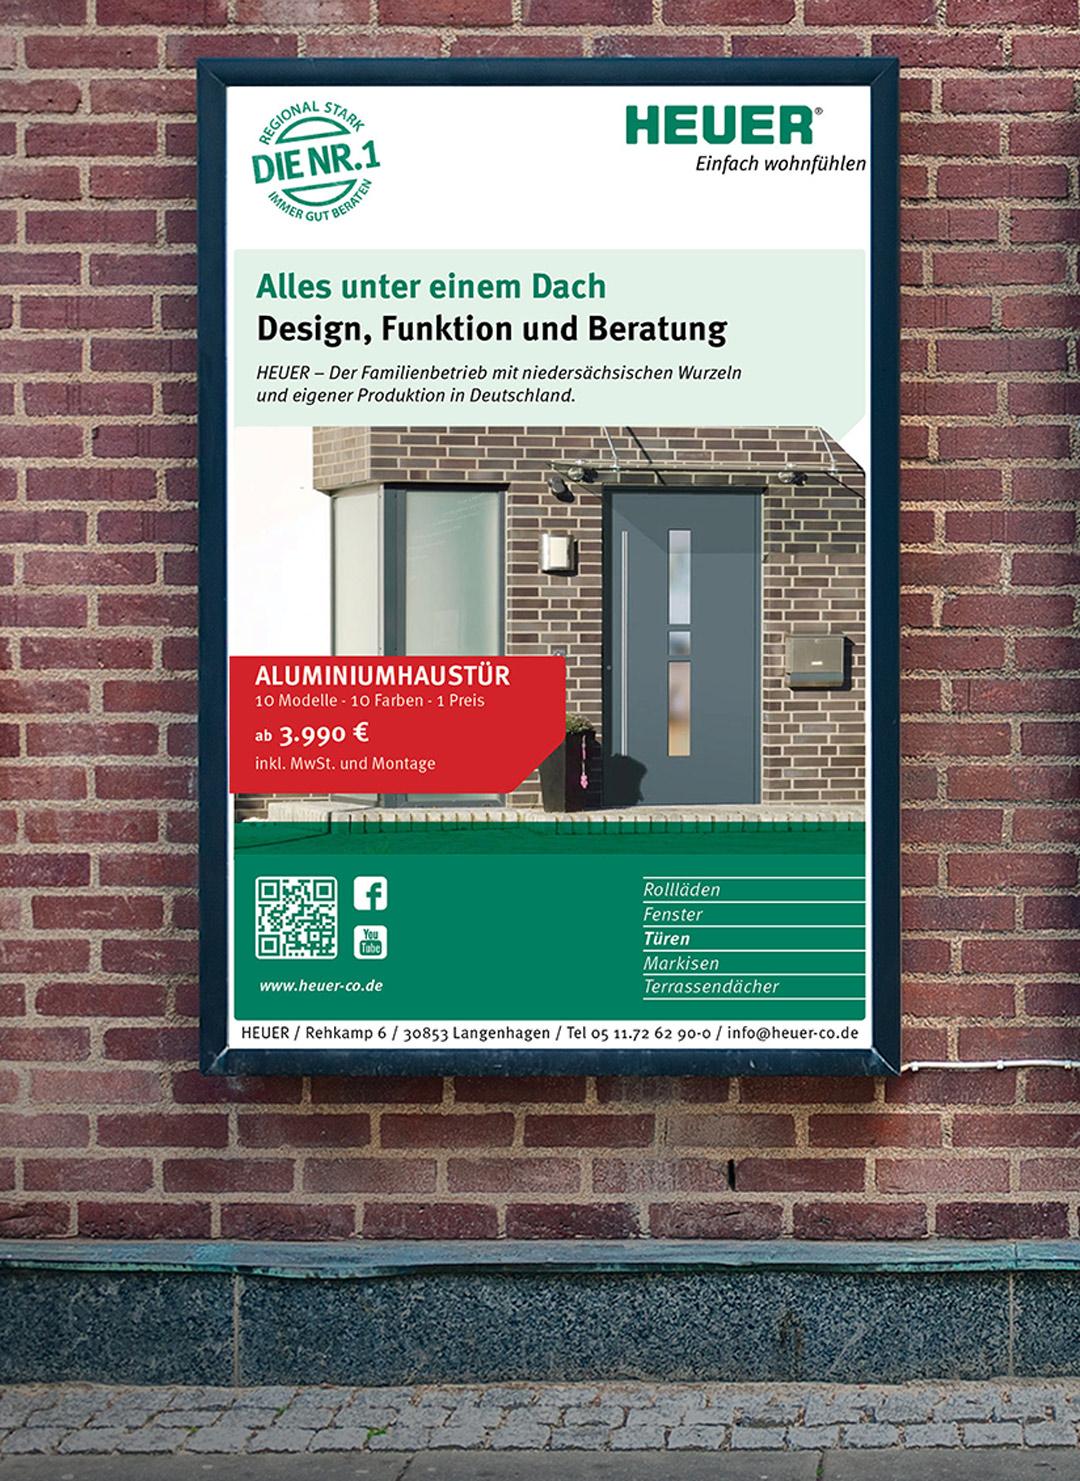 Haustür Sonderaktion 2019 - Hannover / Barsinghausen / Garbsen / Hildesheim / Isernhagen / Laatzen / Lauenau / Lehrte / Nienburg / Nienstädt / Ronnenberg / Uetze / Wedemark / Wunstorf / Celle